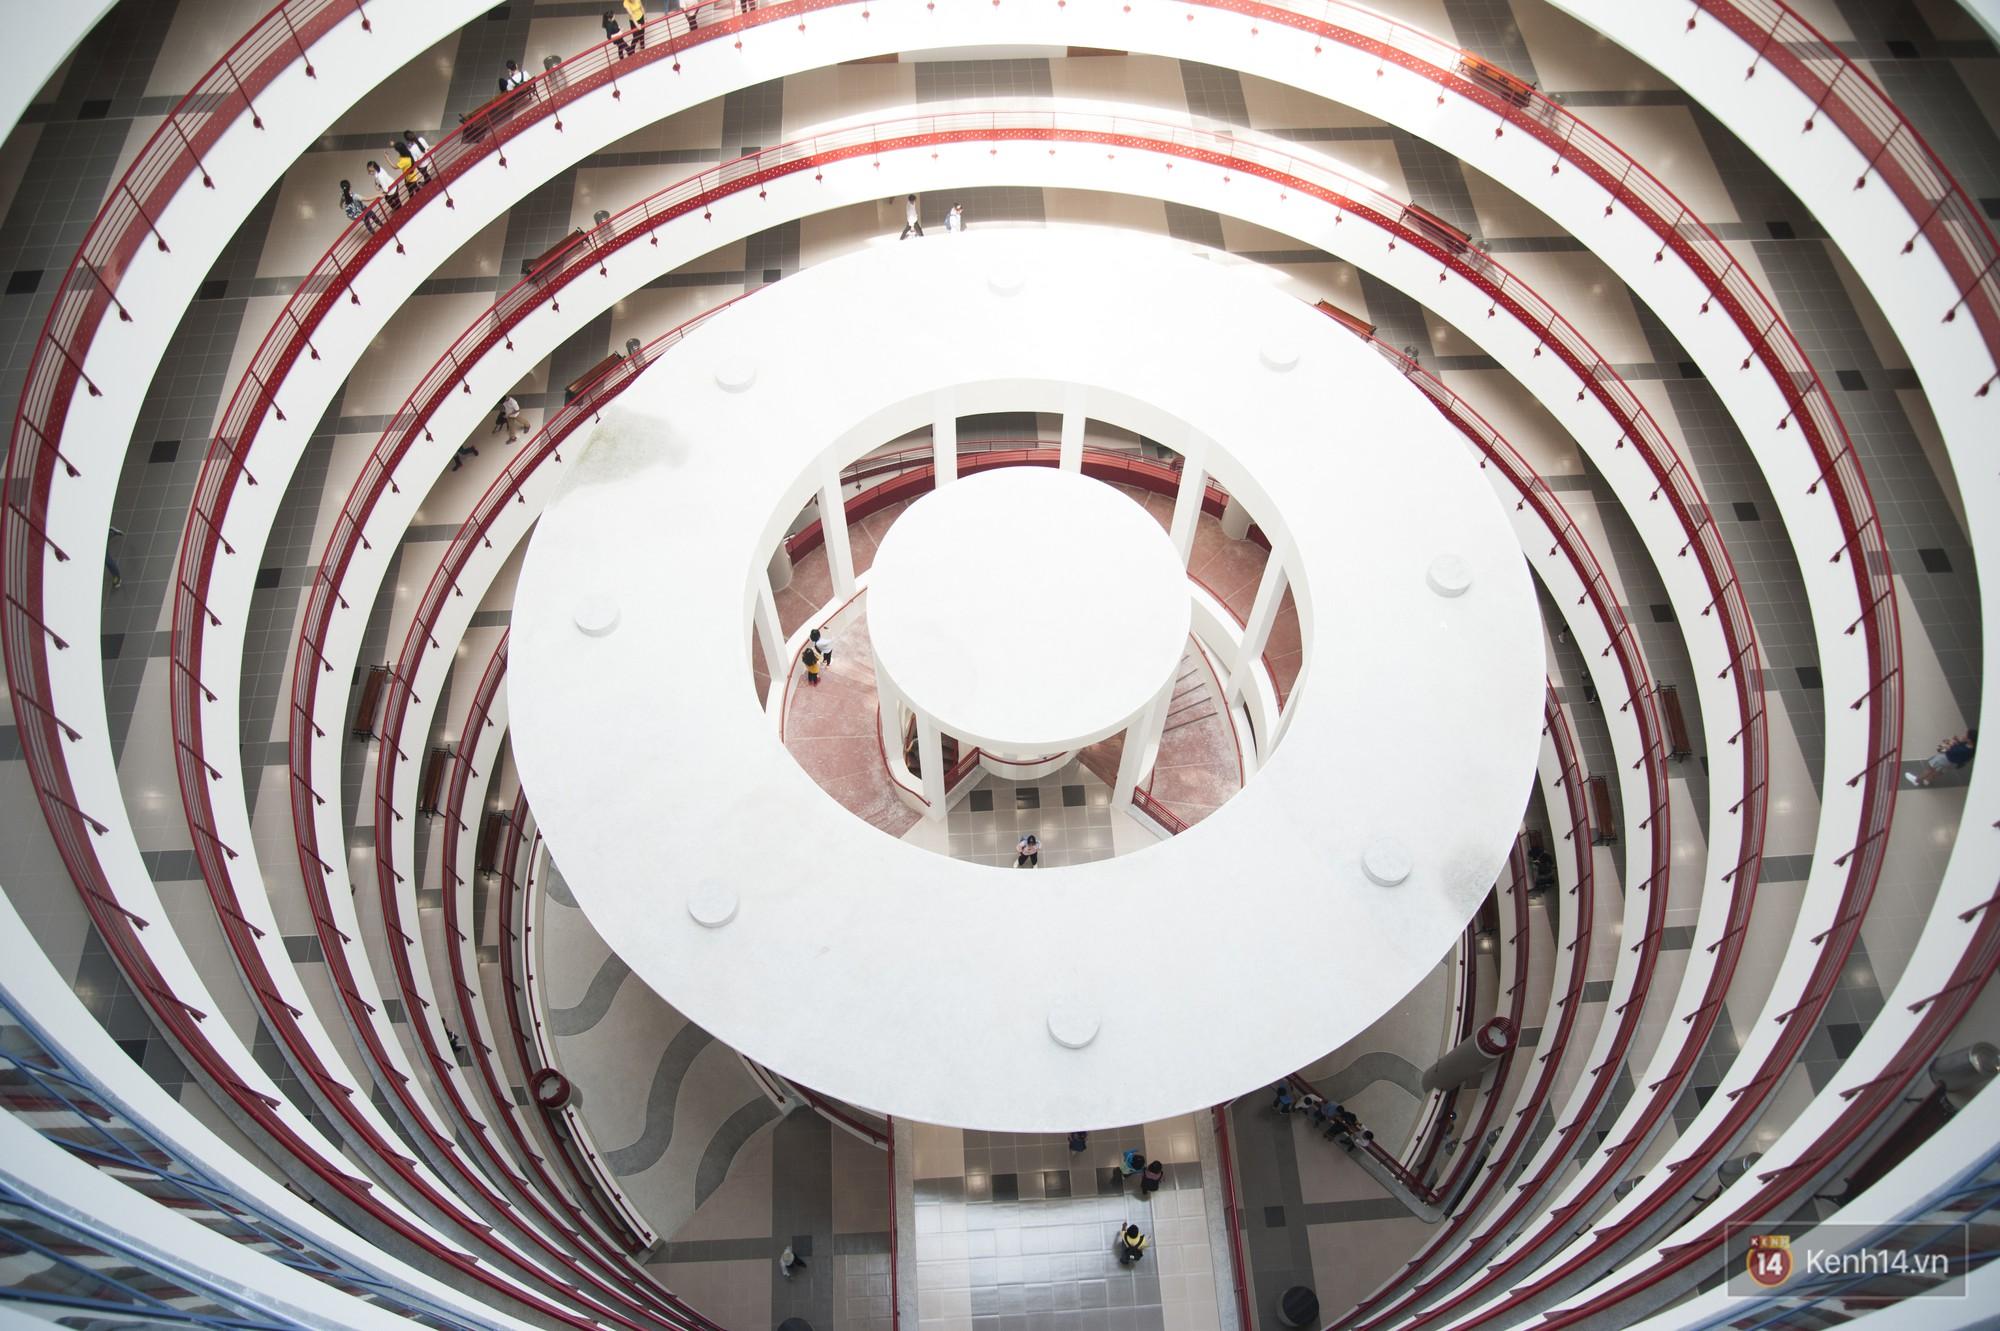 Xịn như Kinh tế Quốc dân: Dựng không gian checkin Noel sang như khách sạn bên trong toà nhà thế kỷ 96.000 m2 với 17 thang máy! - Ảnh 6.